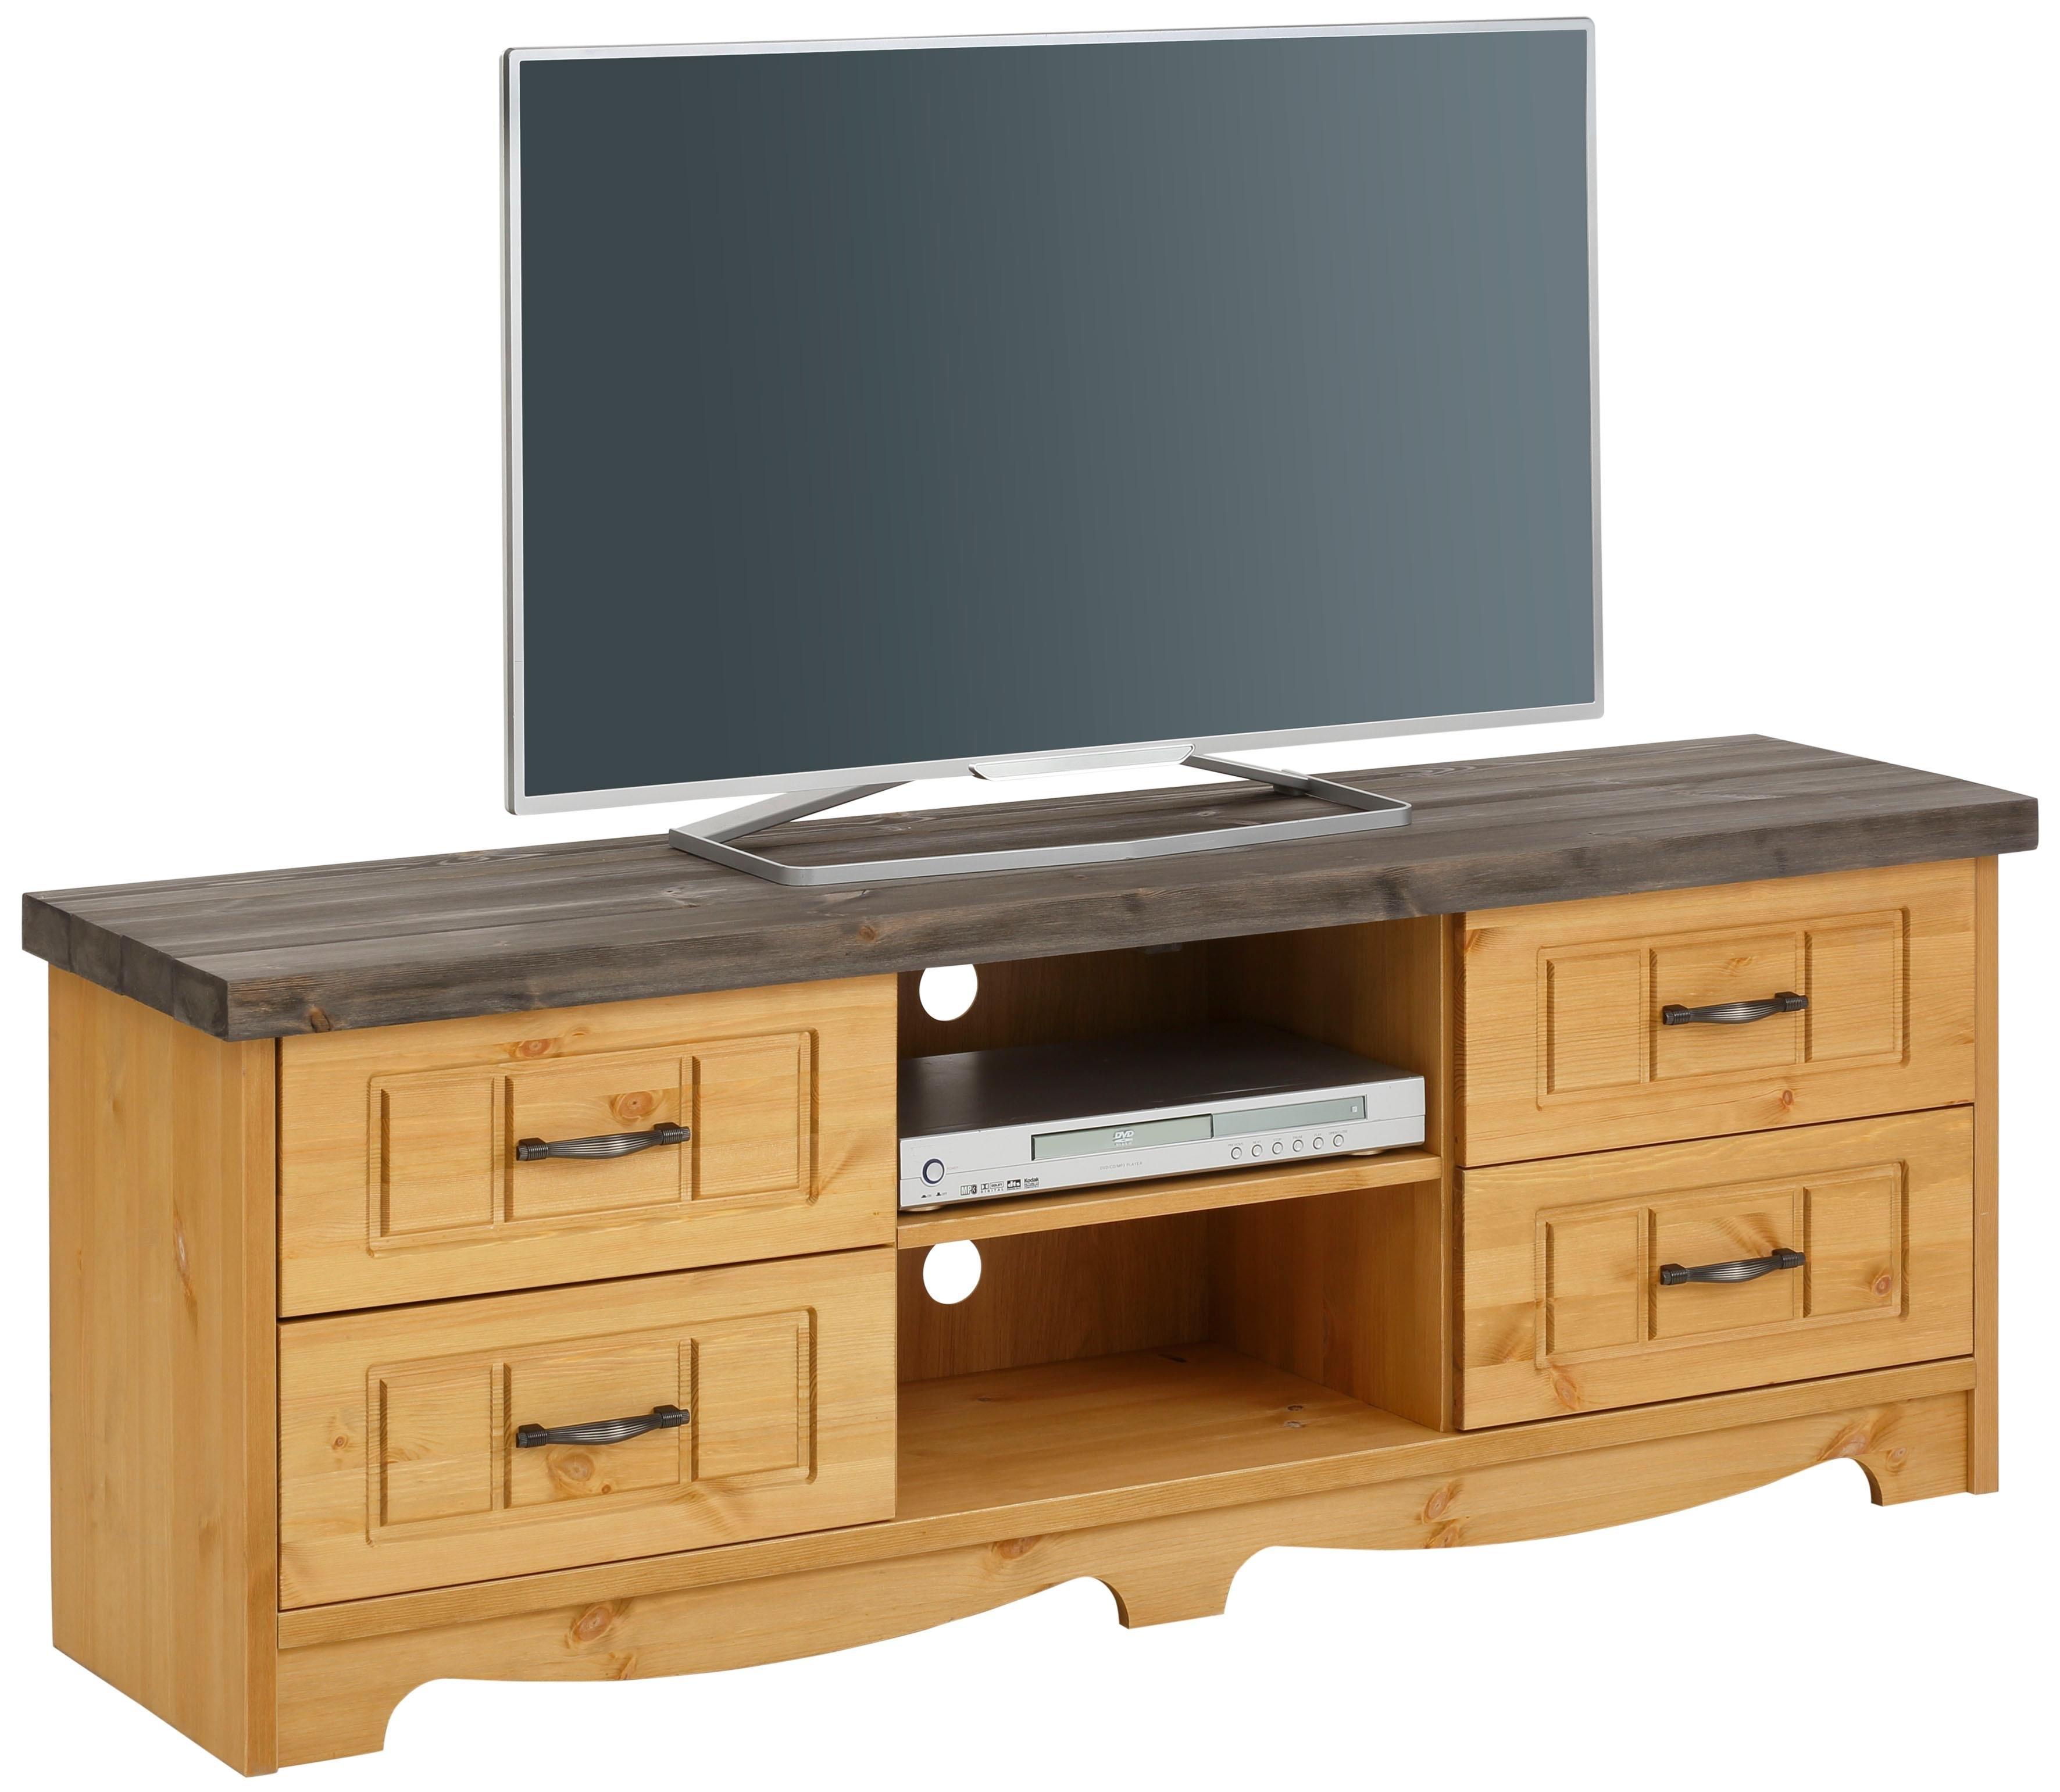 Home affaire tv-meubel Trinidad antiek bij OTTO online kopen